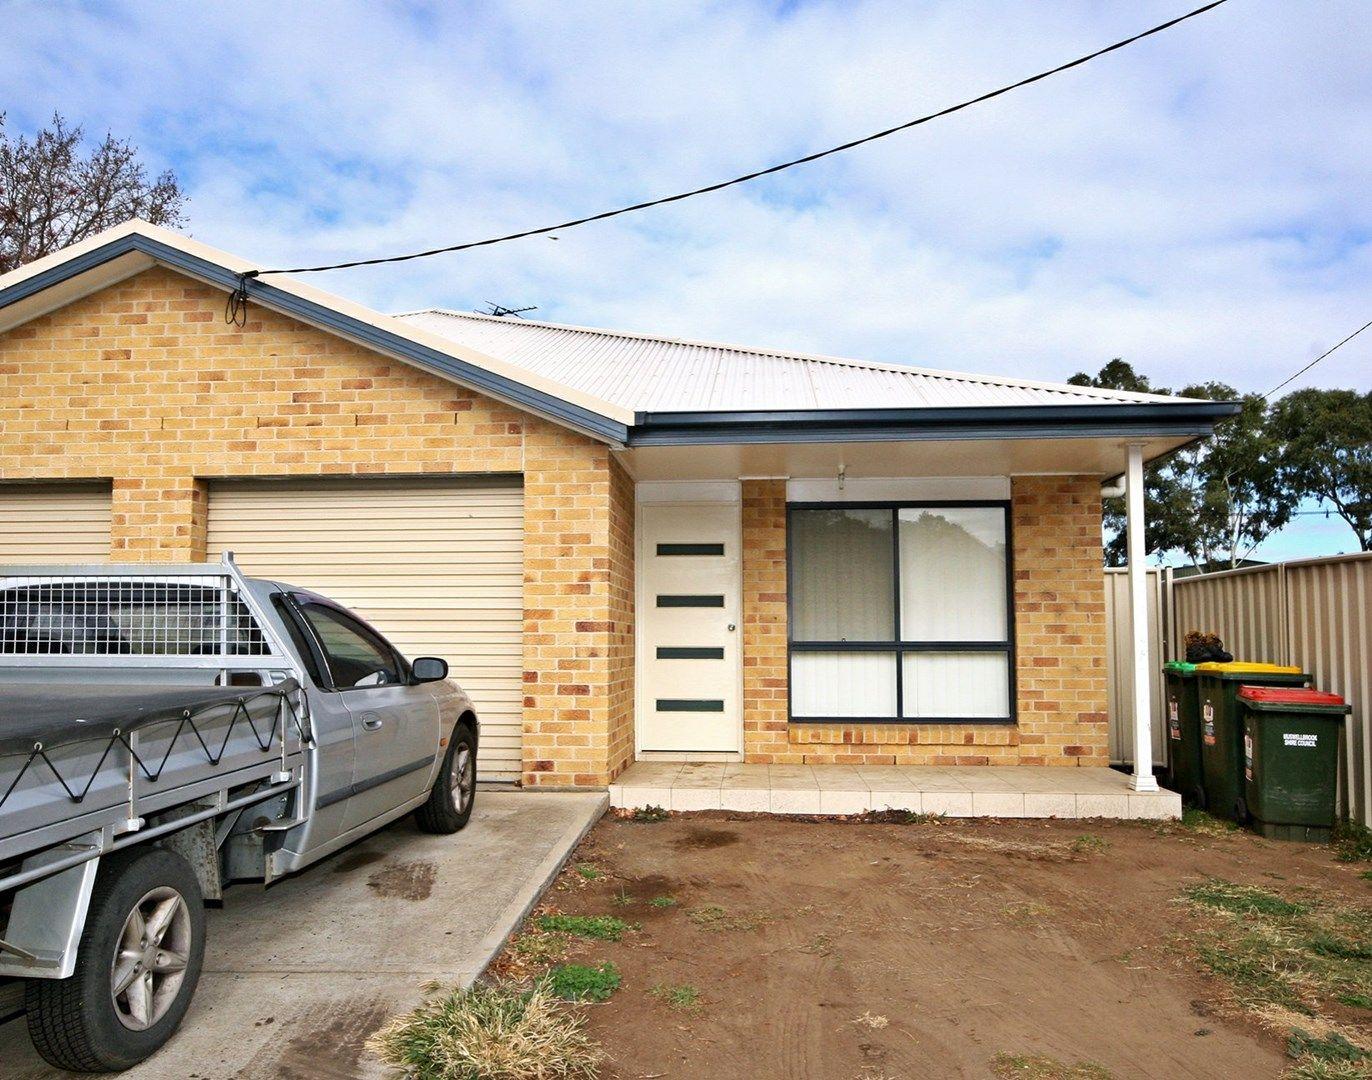 2/13 Foley Lane, Muswellbrook NSW 2333, Image 0